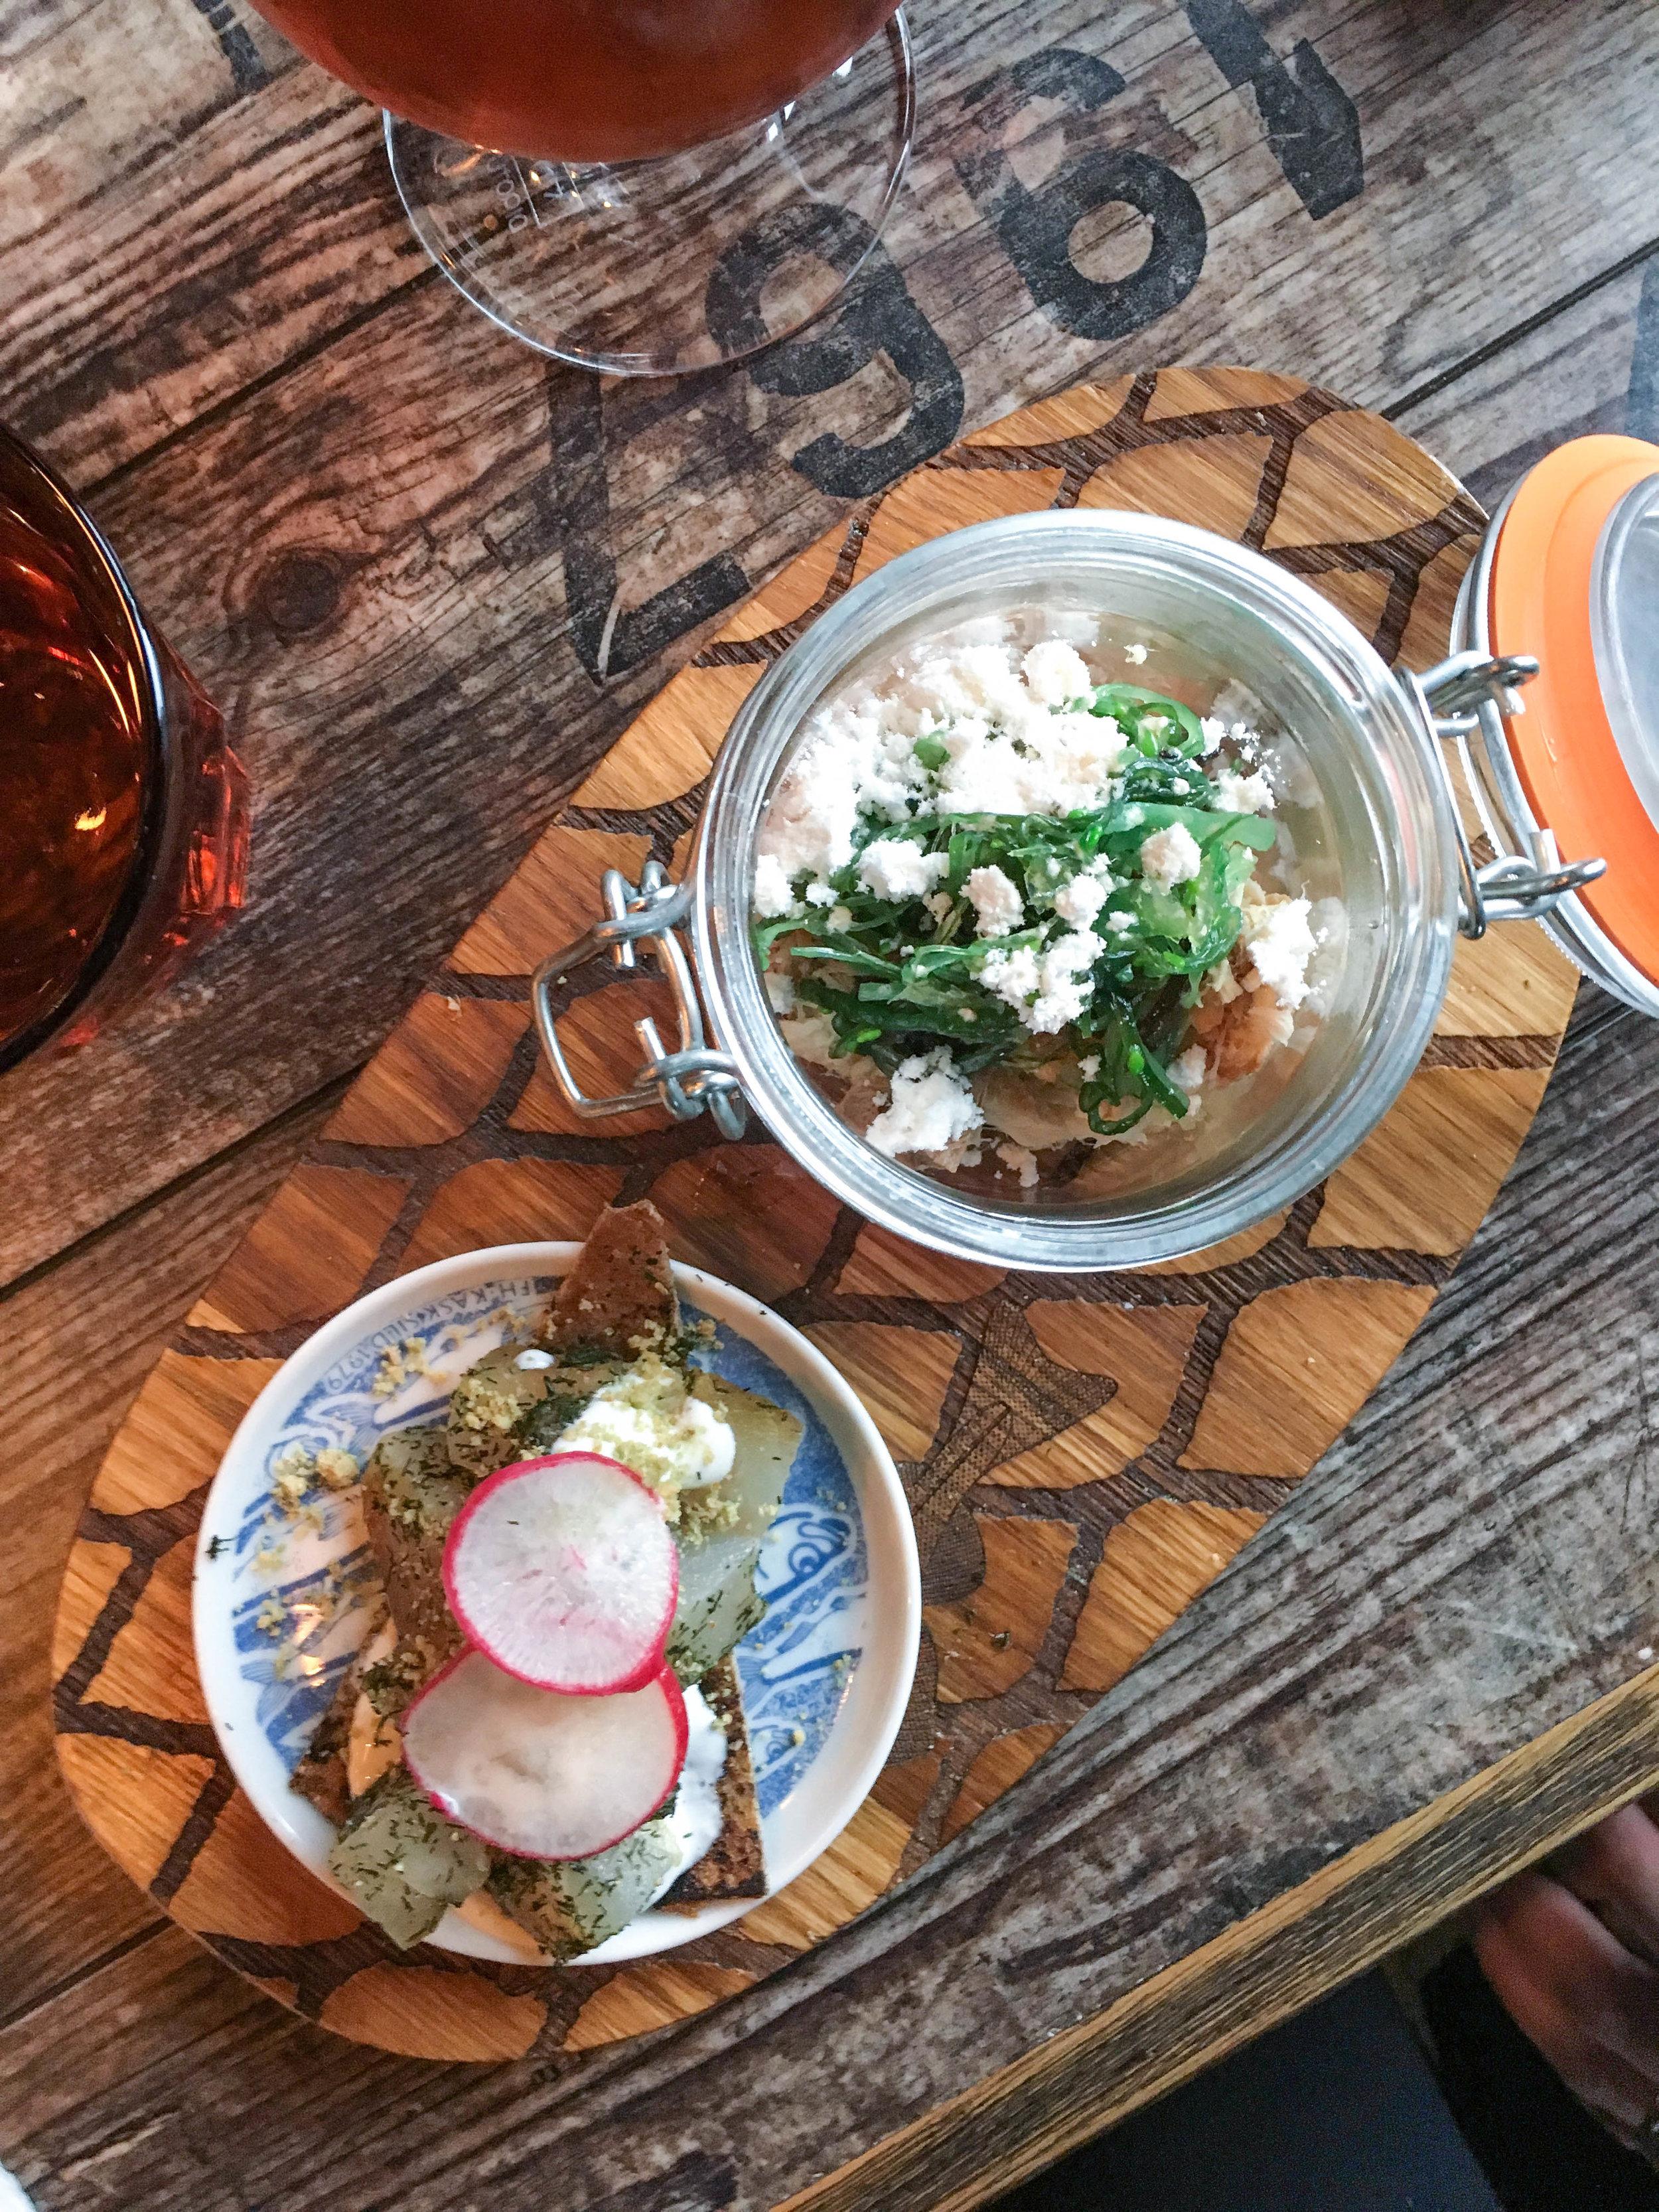 当地的鱼在当地的酒吧里:鲑鱼,吃了一种土豆,吃了一顿美味的土豆,吃了沙拉,吃了鸡肉三明治和菠菜